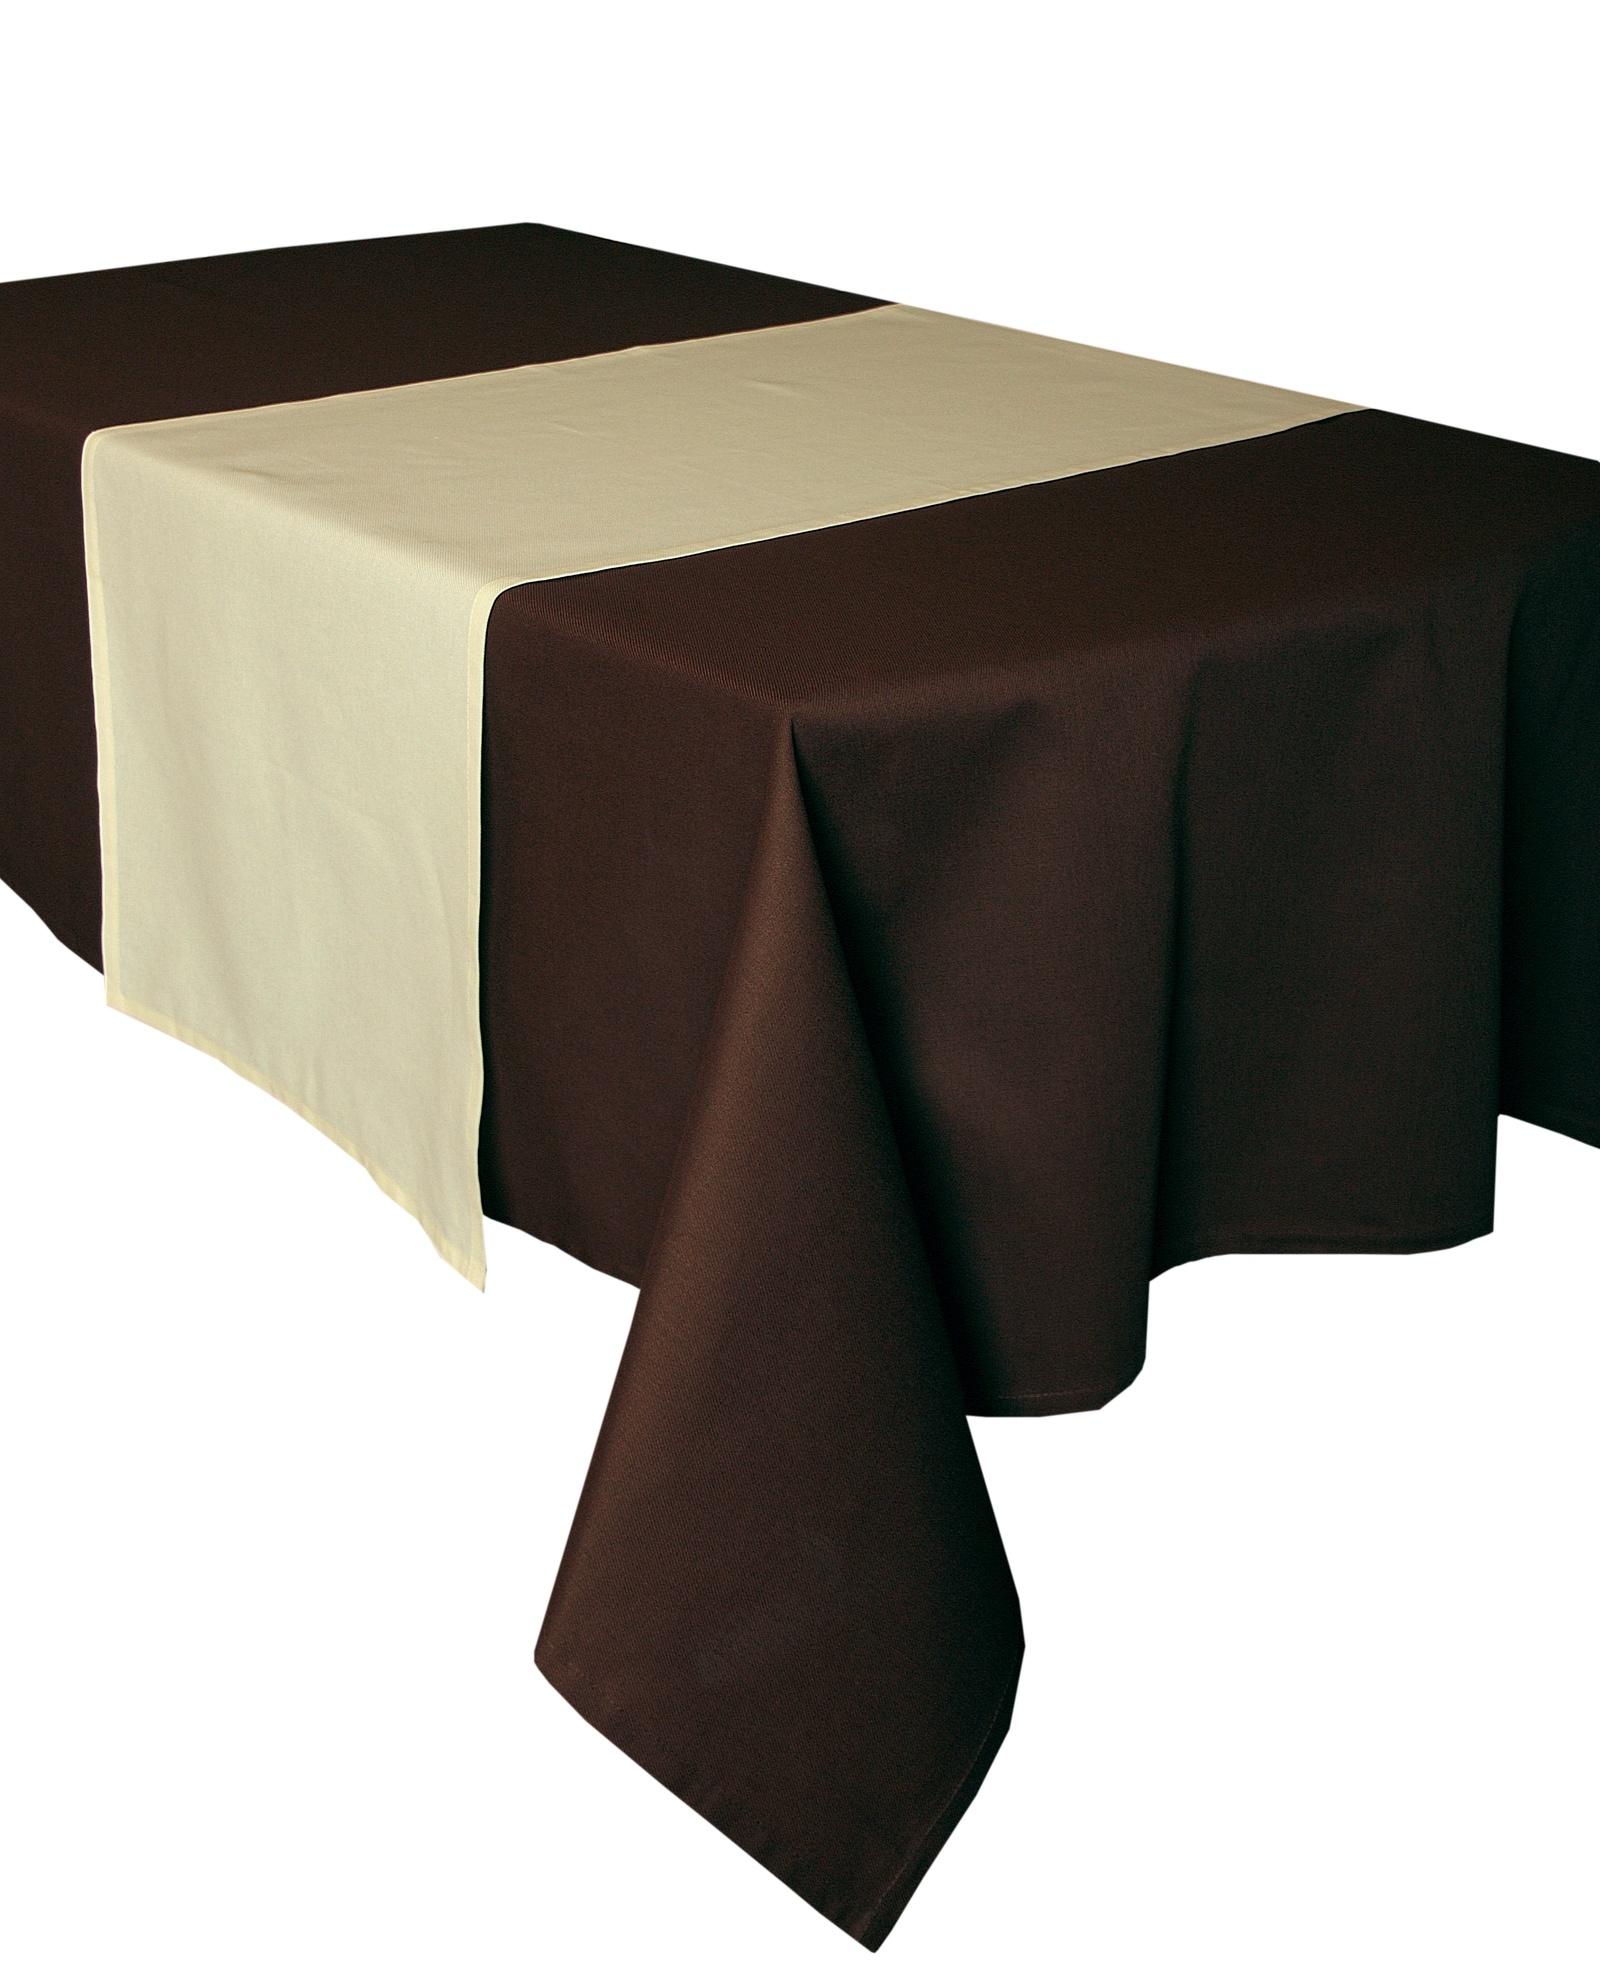 Дорожка для стола Naturel 45х150 Однотонная коллекция, светло-бежевый дорожка для стола naturel 45х150 однотонная коллекция бежевый